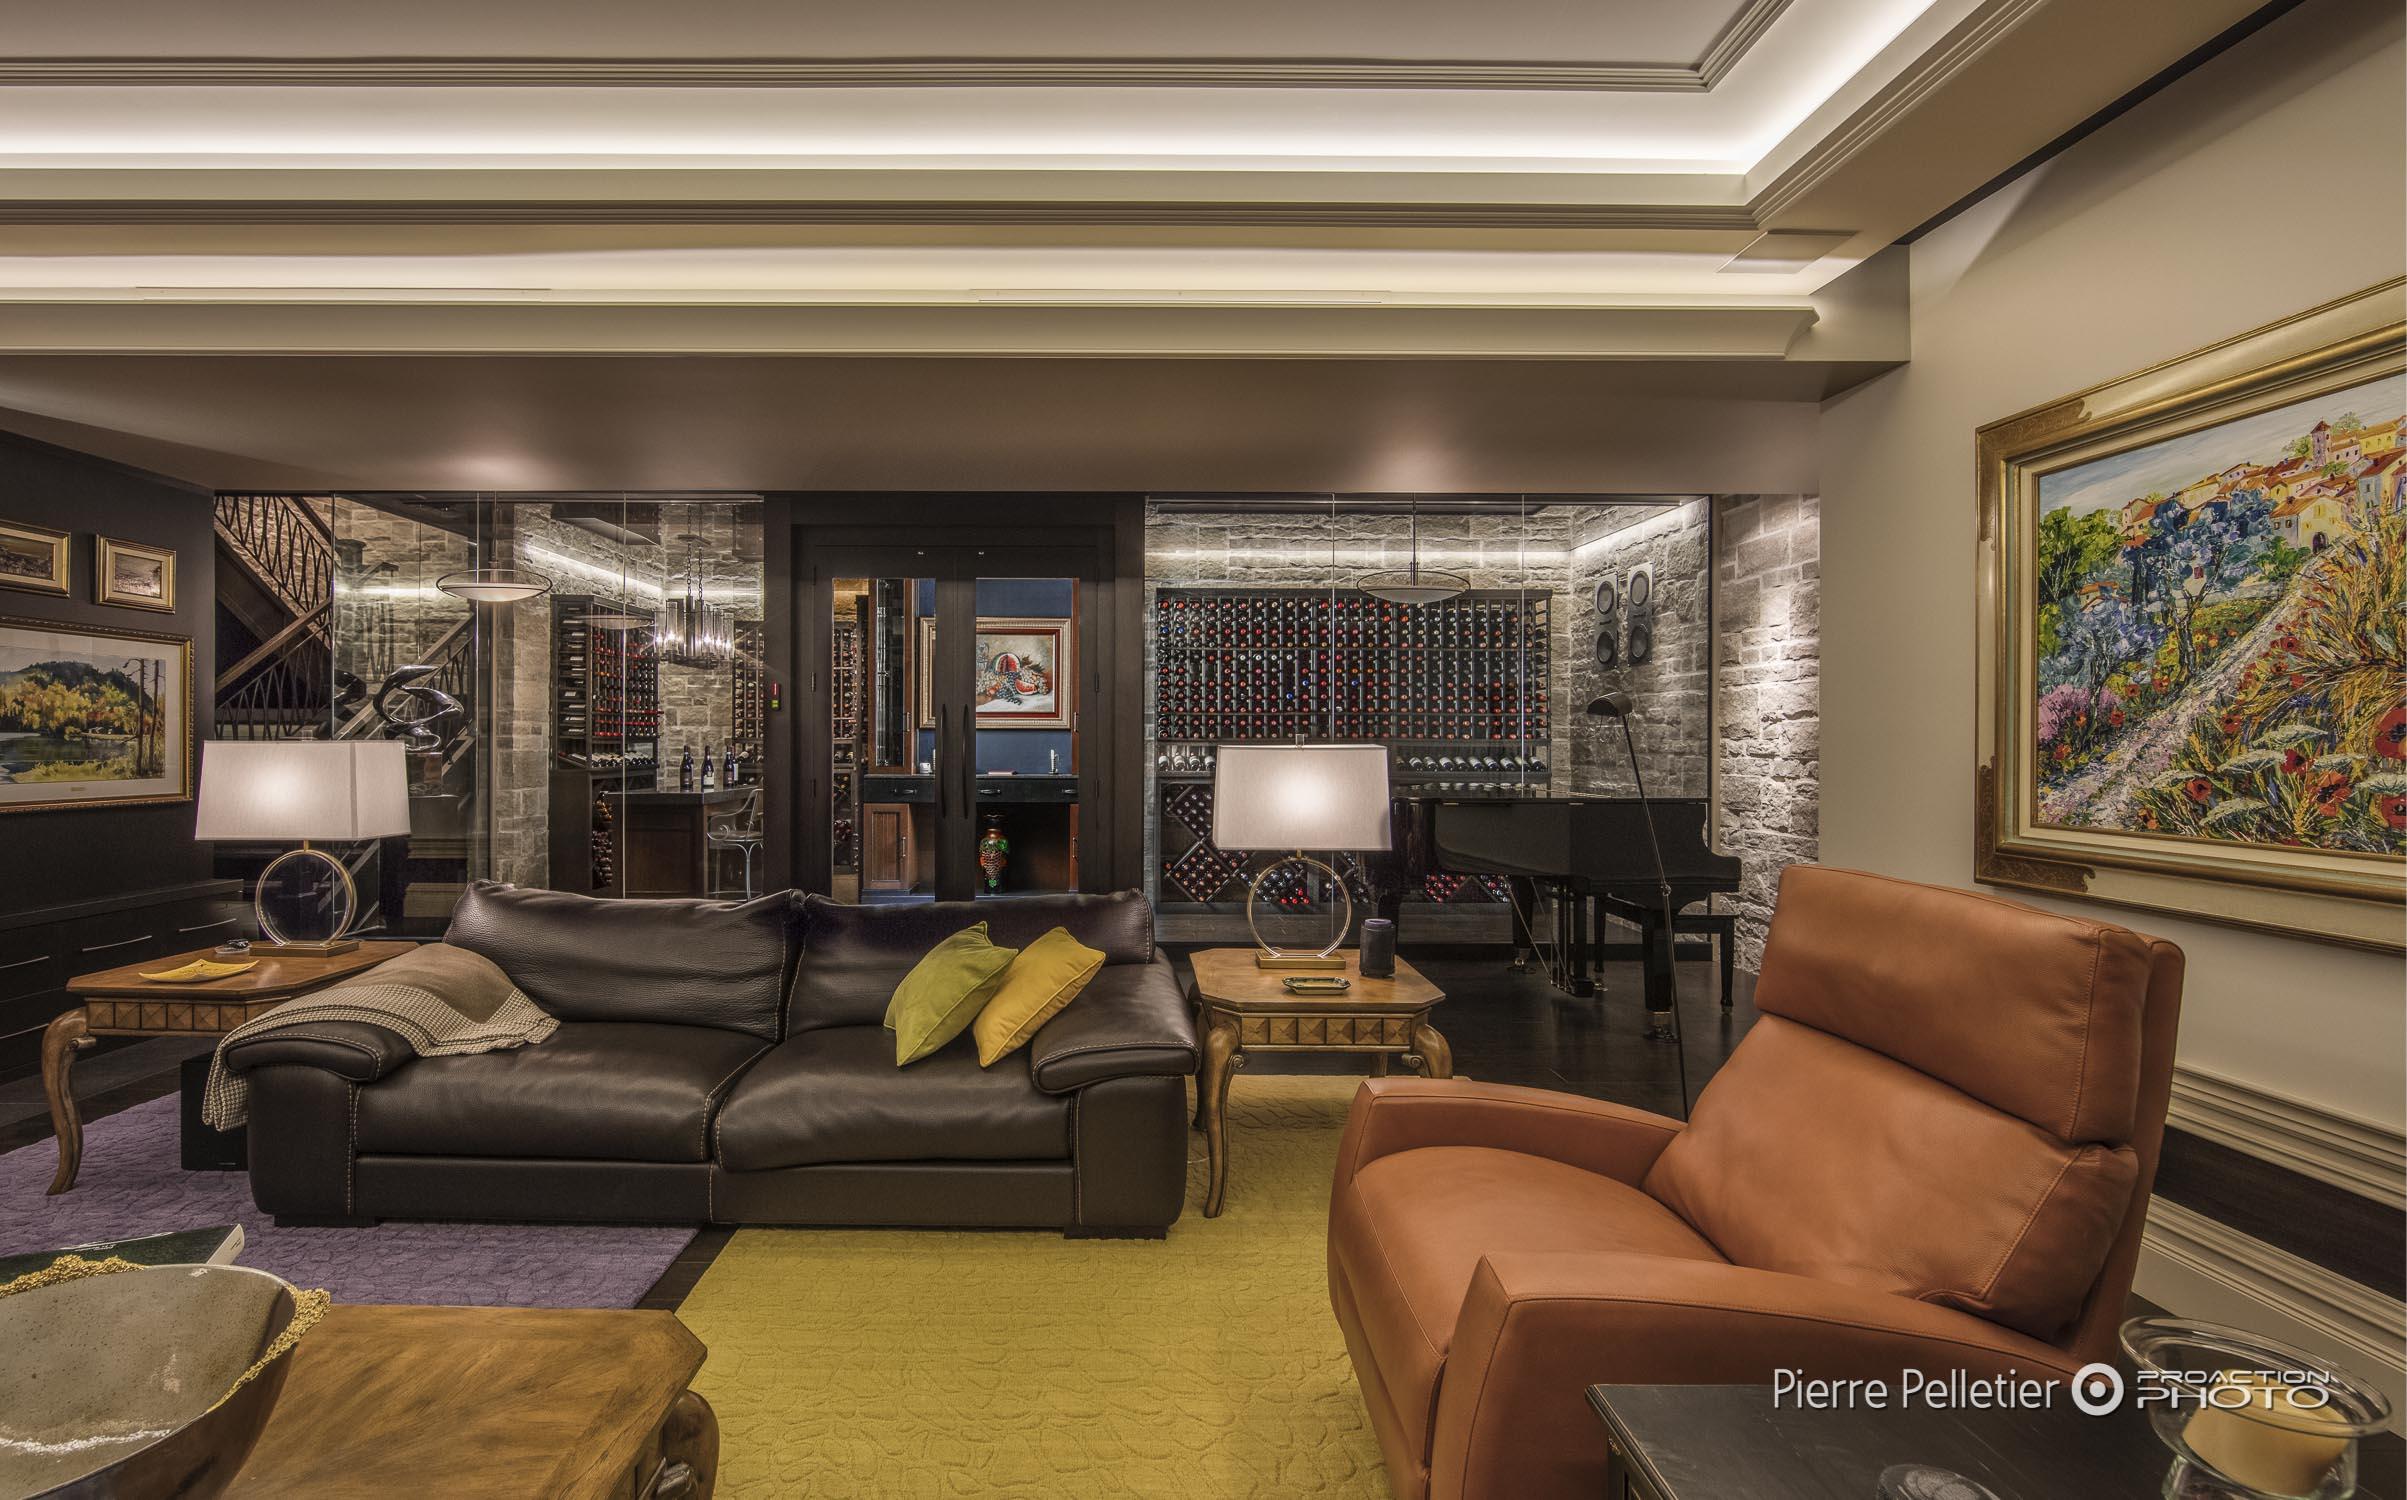 Design int rieur architecture pierre pelletier for Temperature interieur maison quebec